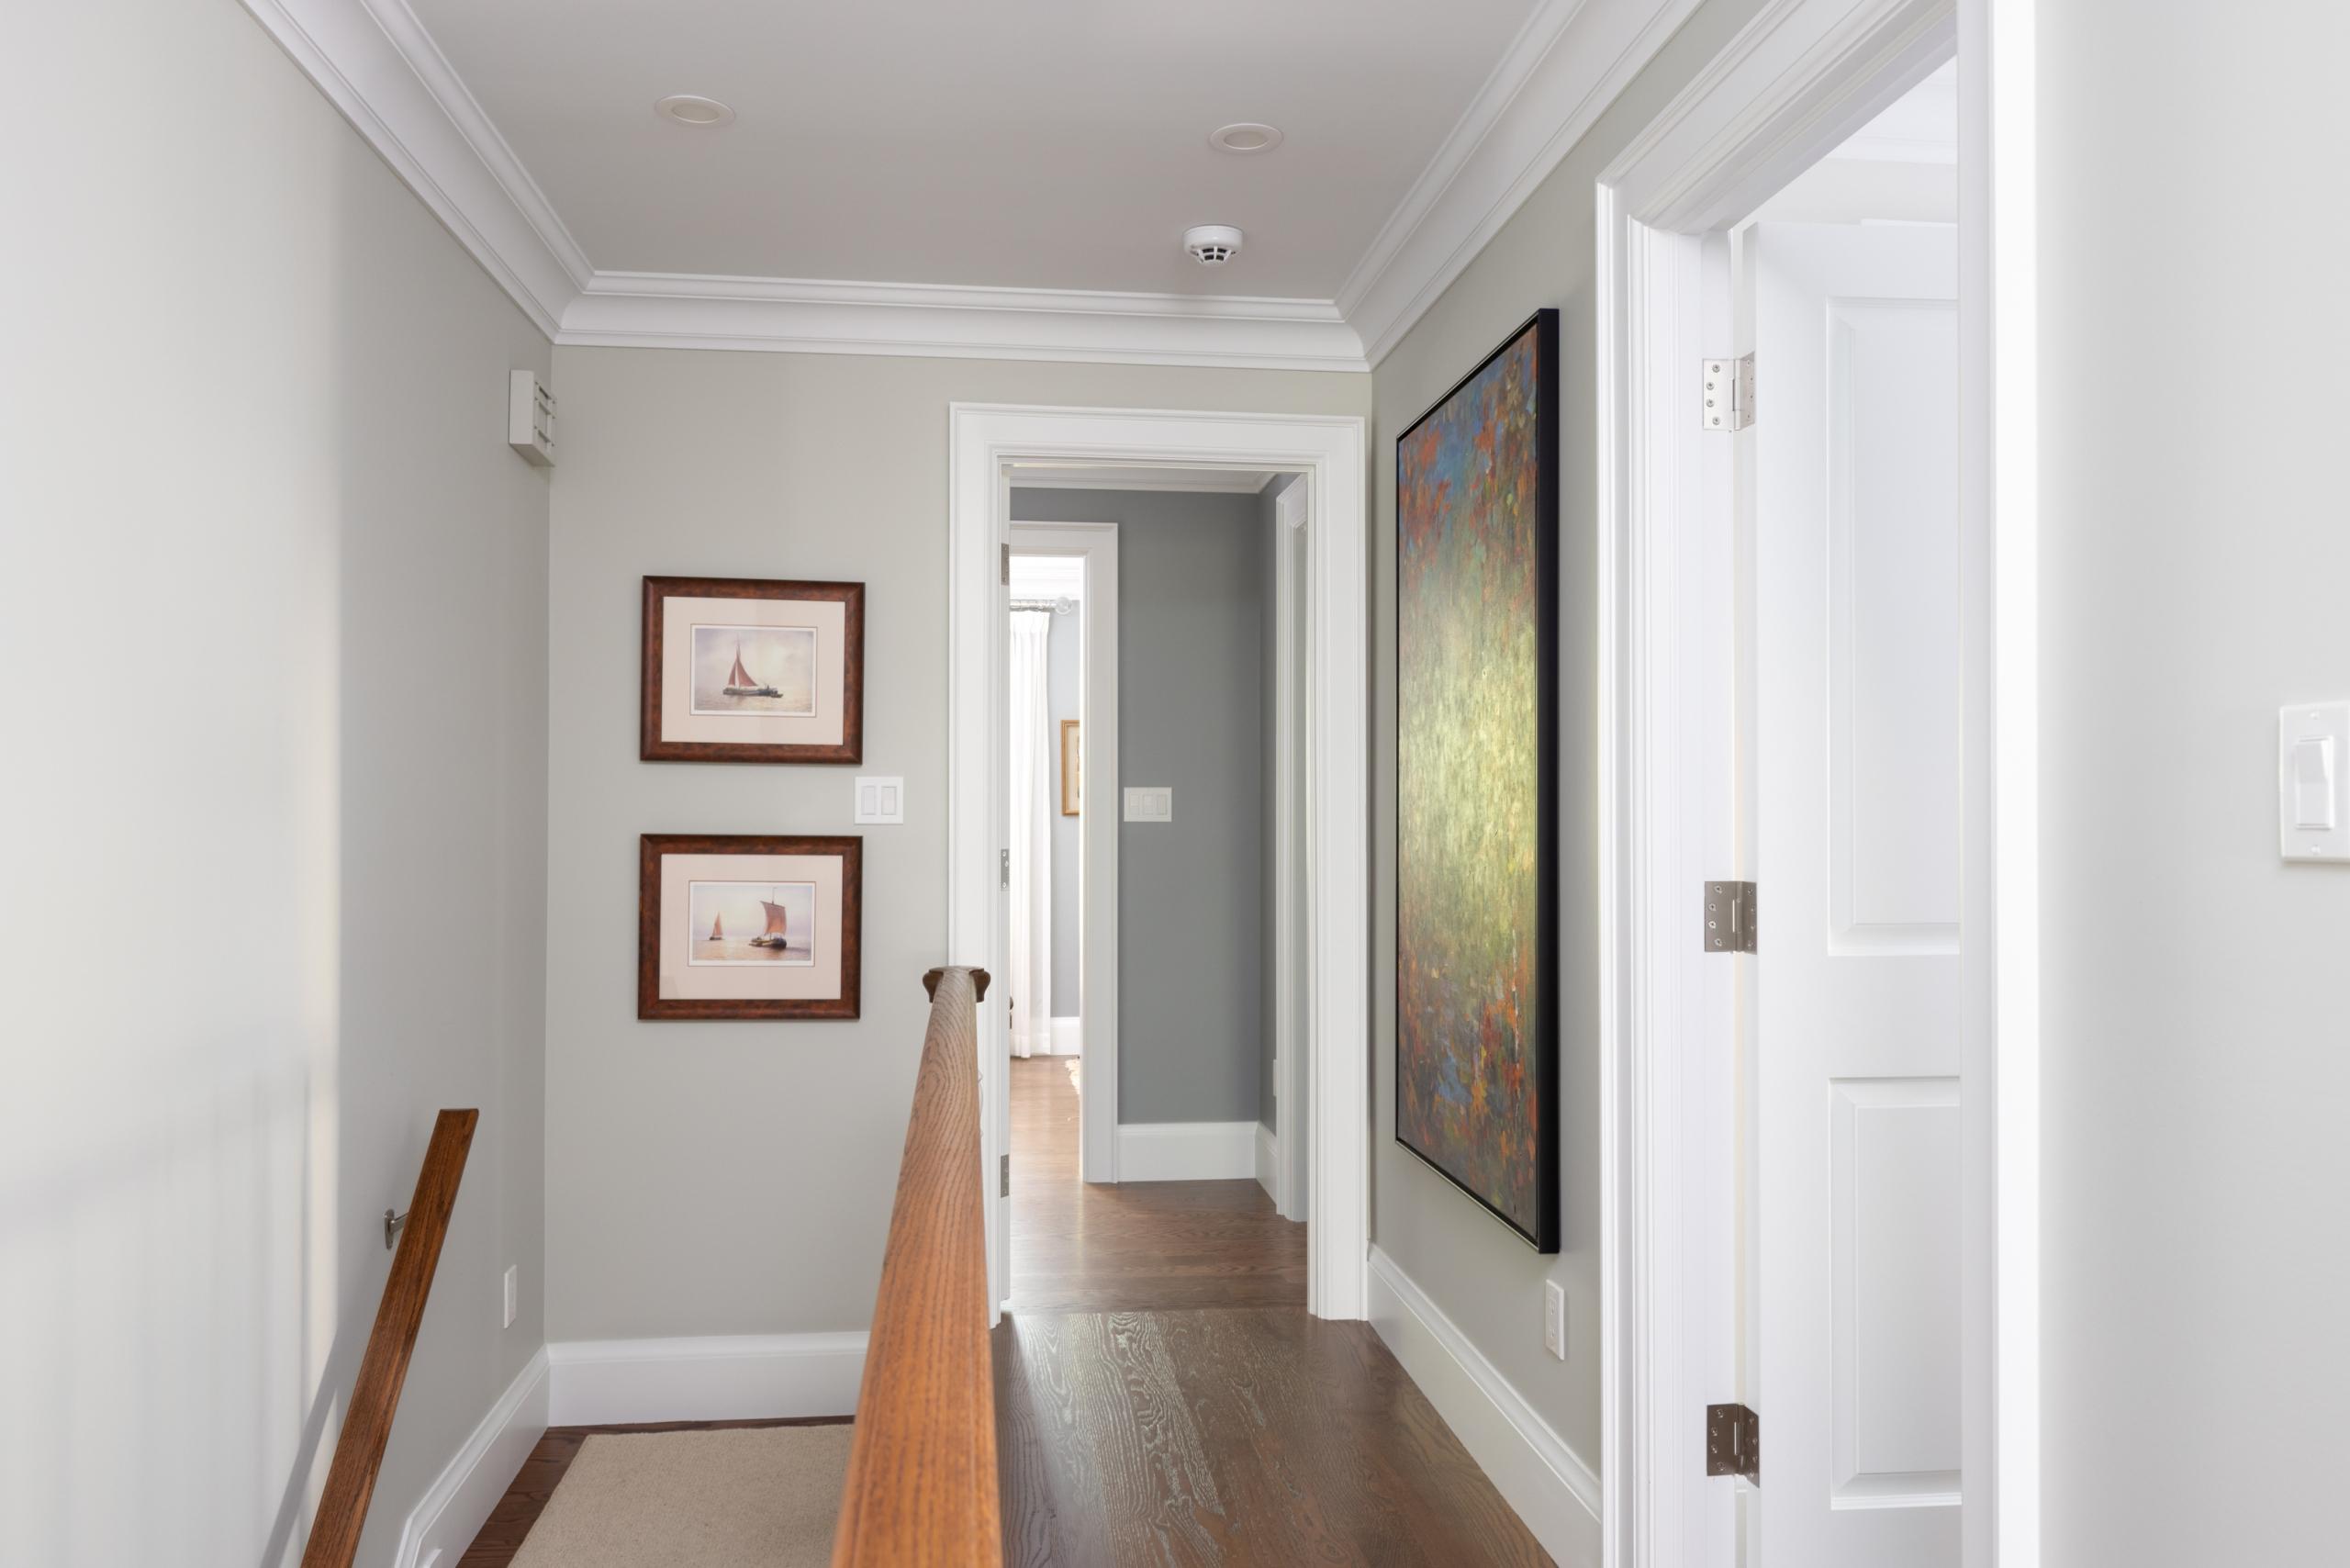 Porch featured at 295 William Street, Oakville. Alex Irish & Associates